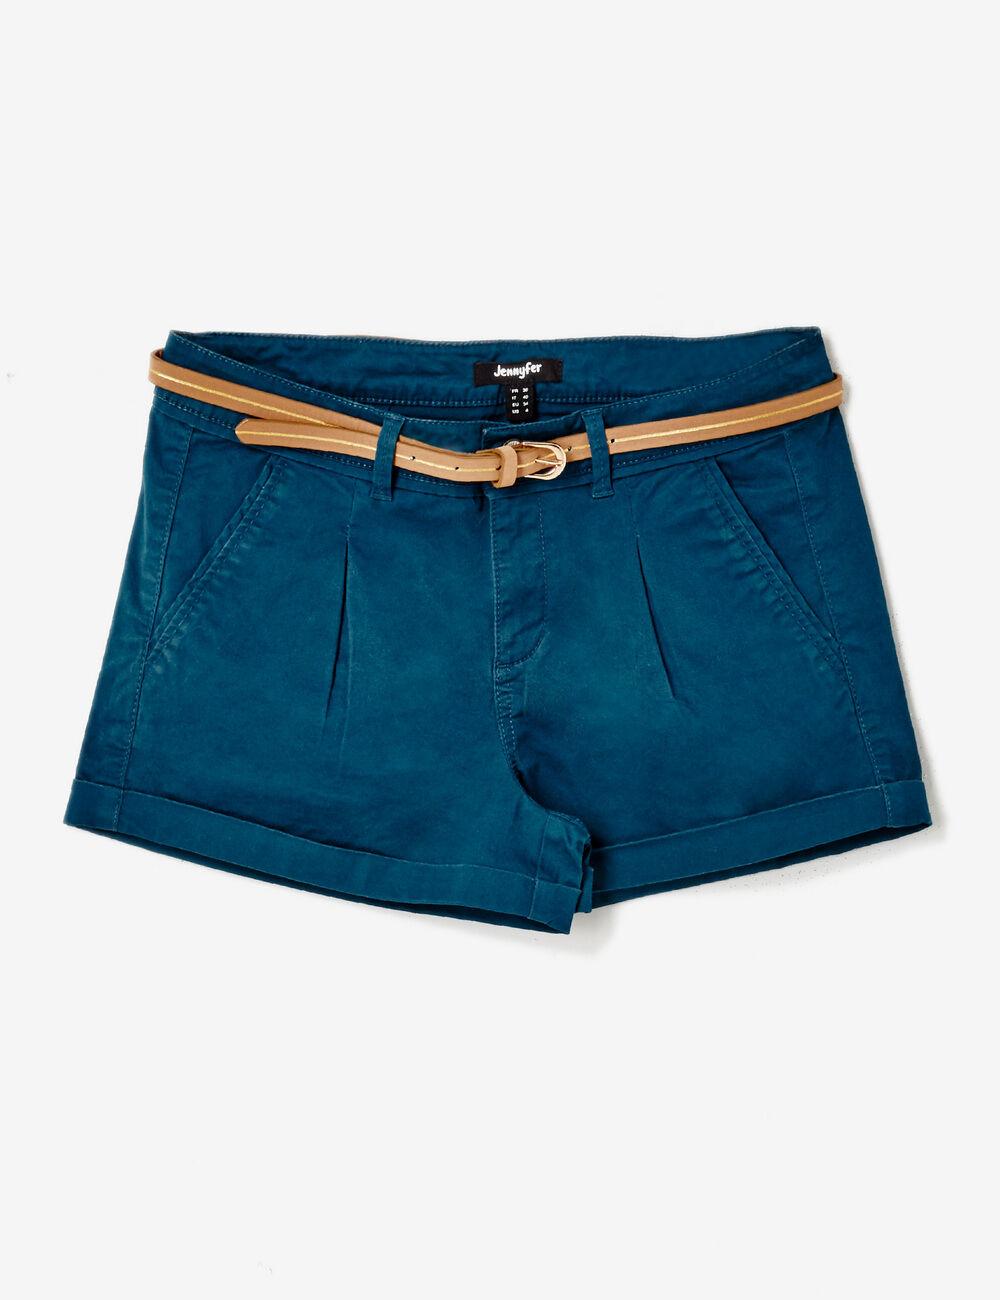 short avec ceinture bleu marine femme jennyfer. Black Bedroom Furniture Sets. Home Design Ideas